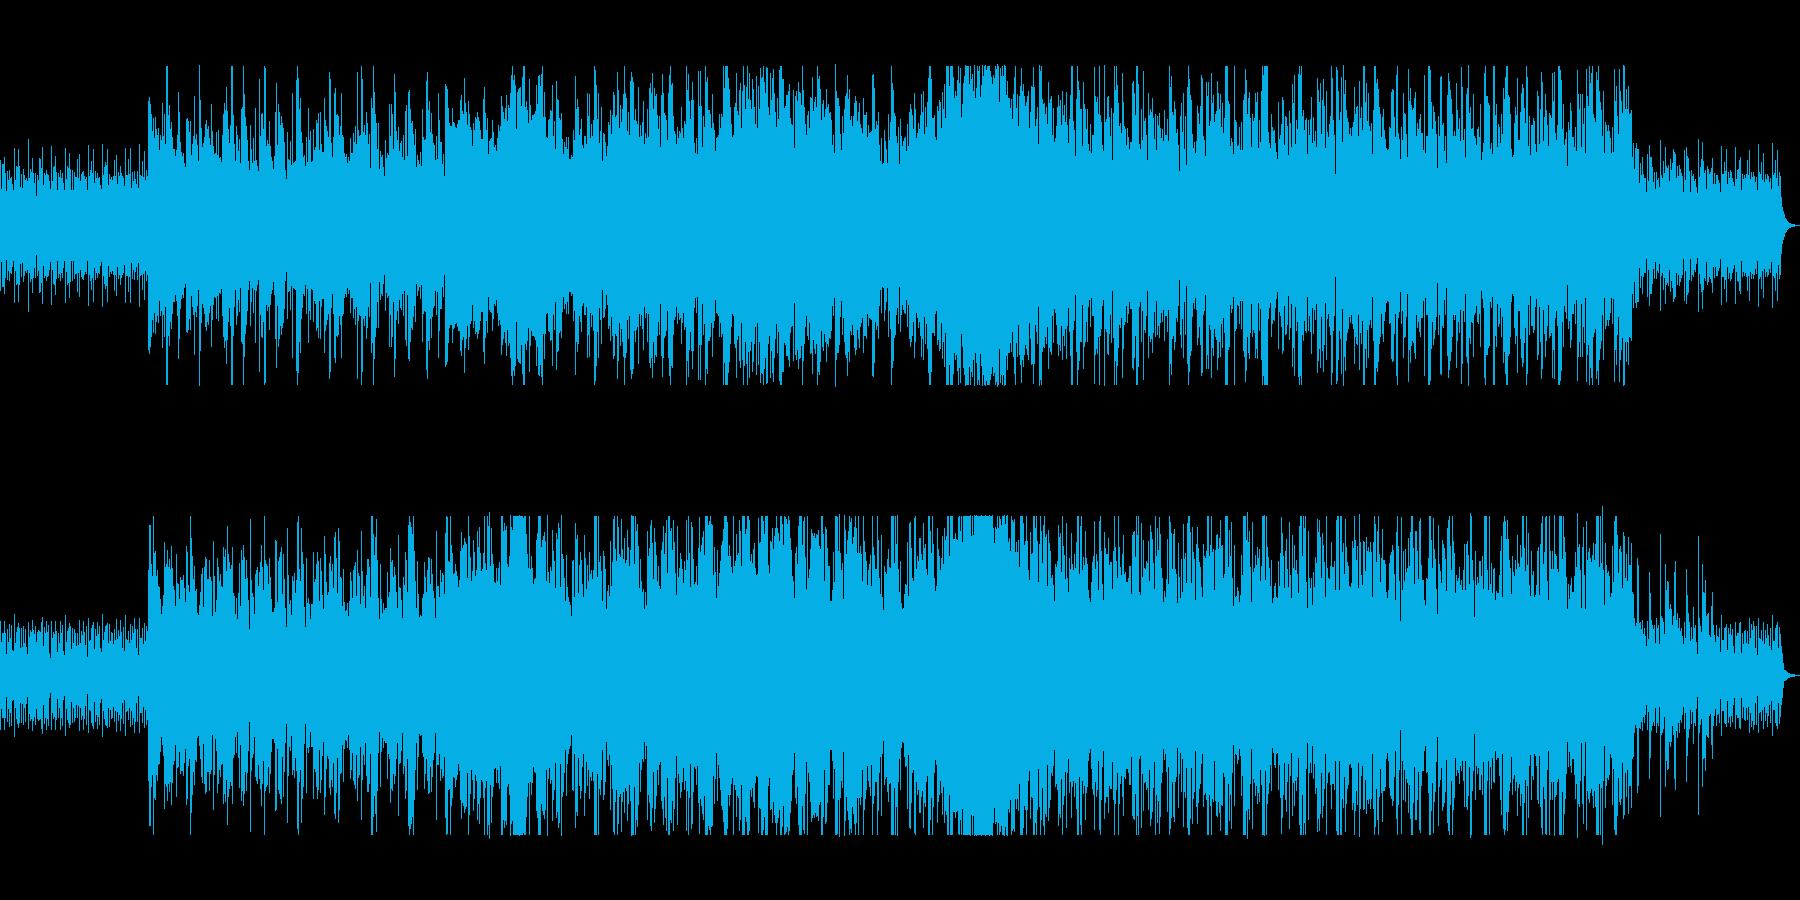 木琴の反復、ミニマル・ミュージックの再生済みの波形